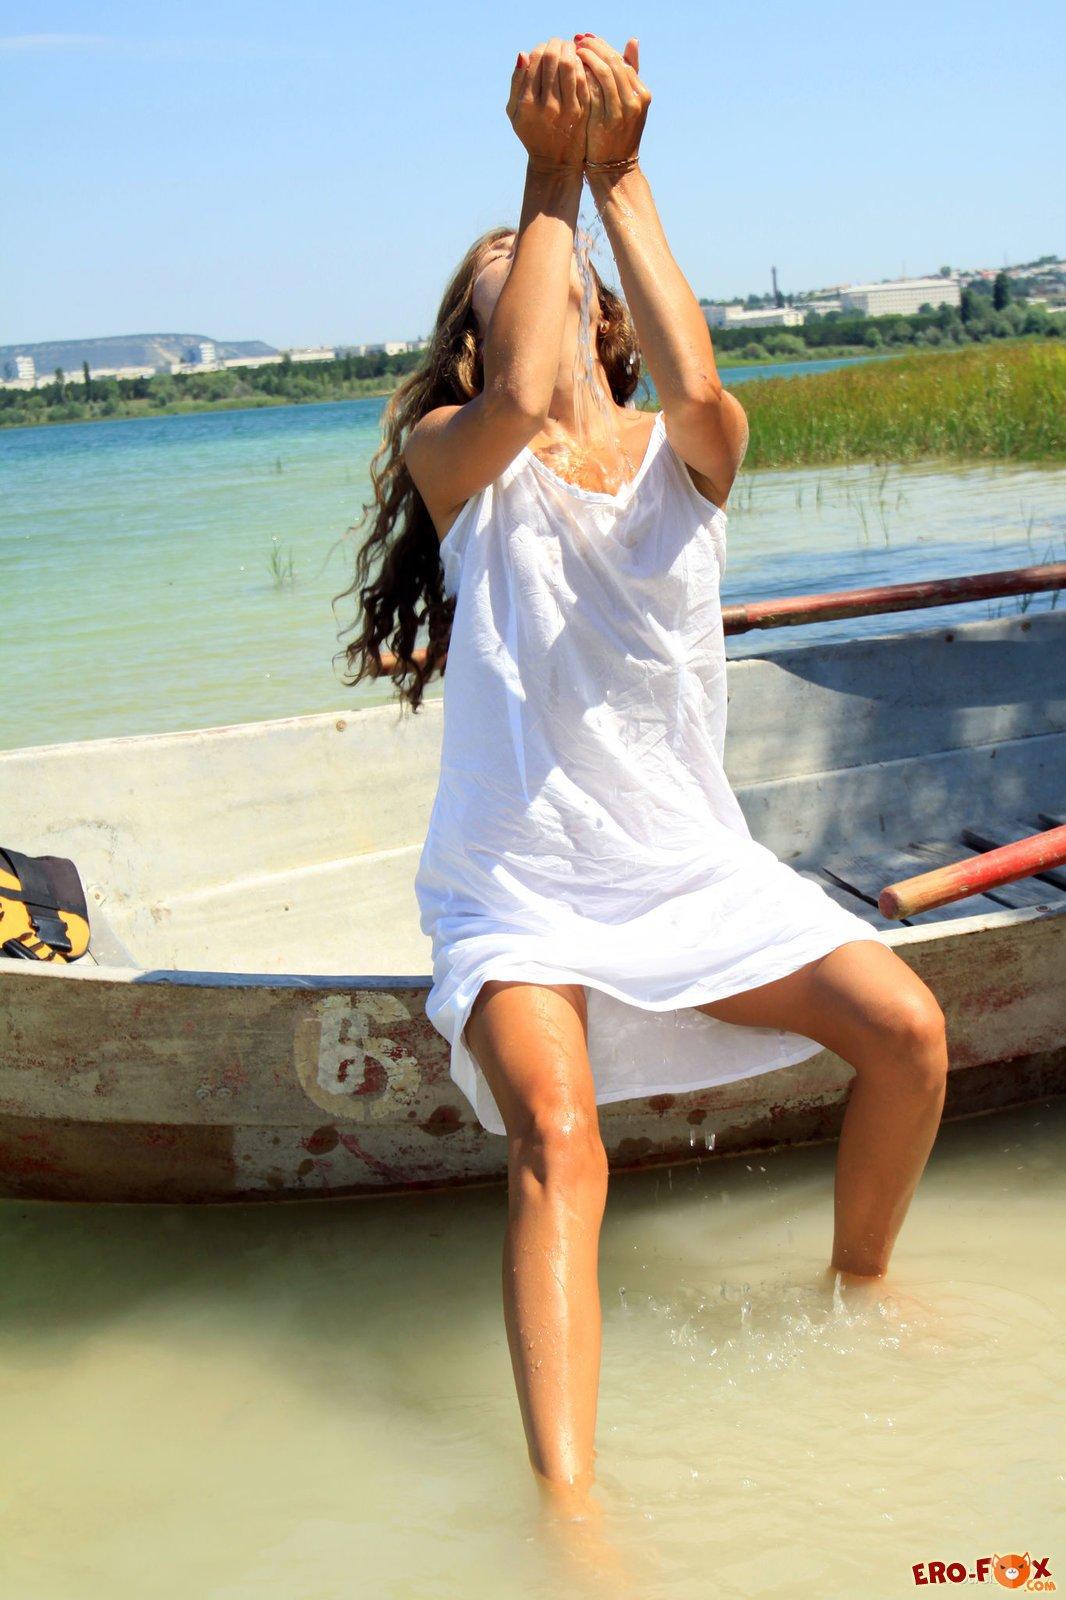 Голая русская девушка в лодке на озере